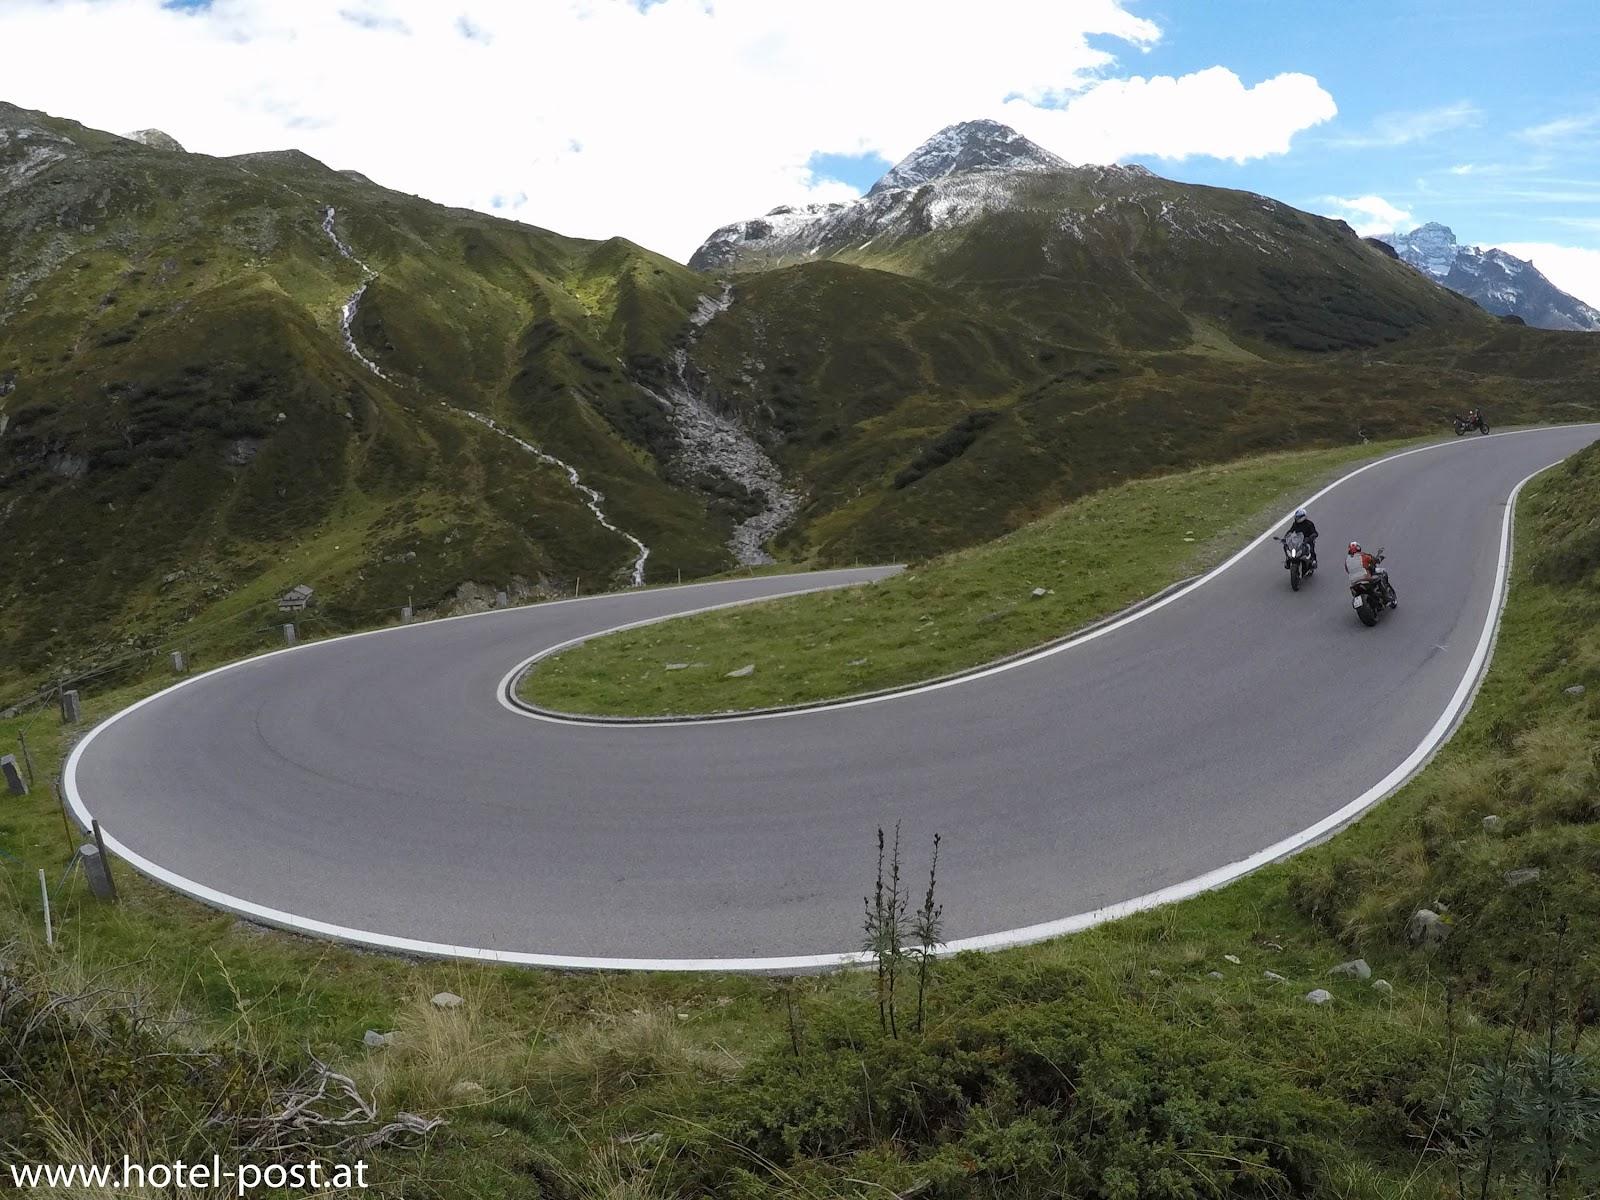 Motorrad - Bergfahrperfektionstraining 09-2017